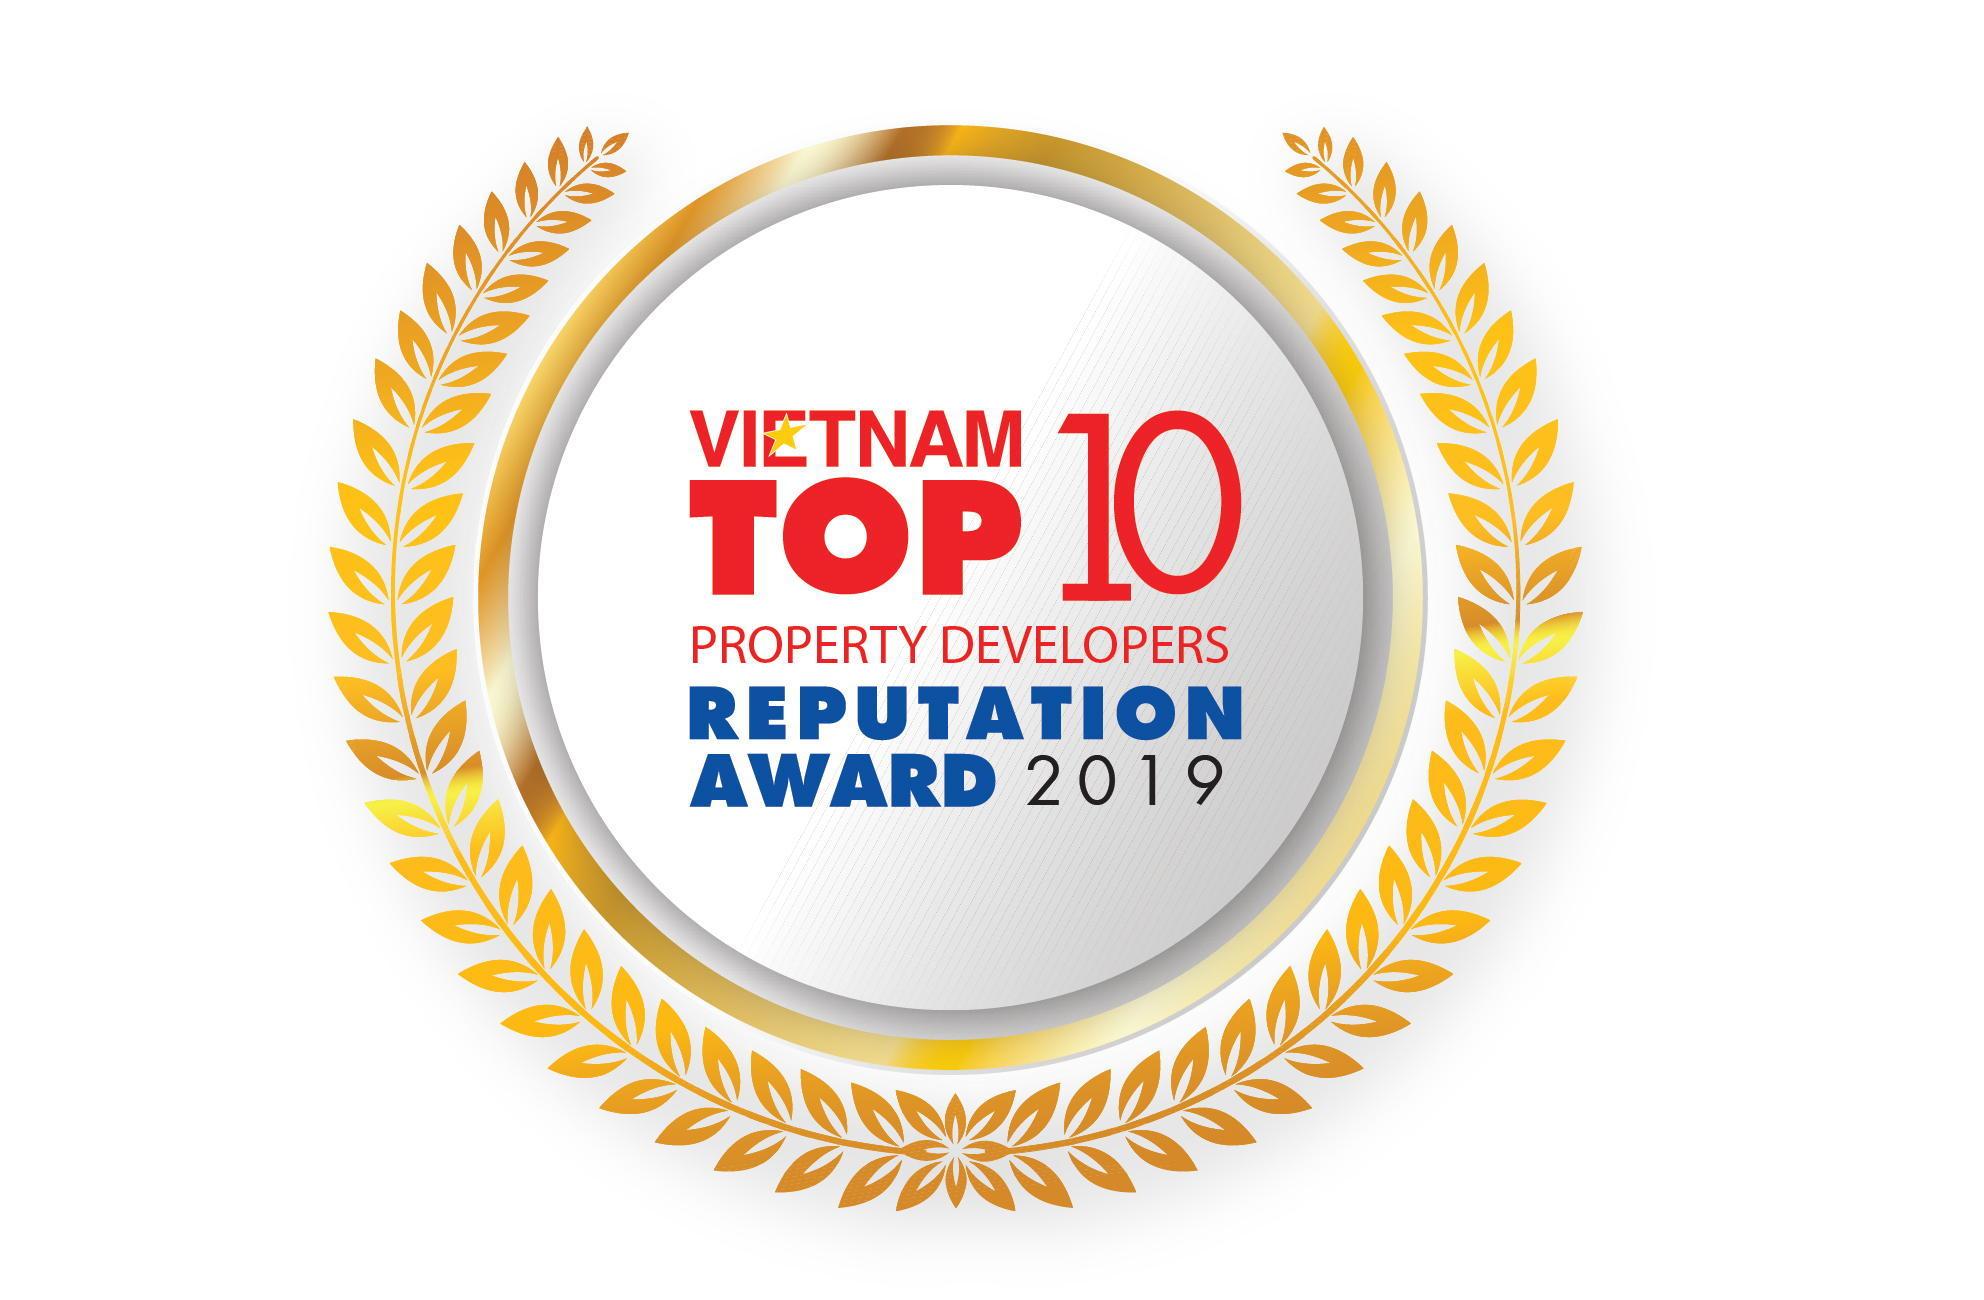 TOP 10 CHỦ ĐẦU TƯ BẤT ĐỘNG SẢN UY TÍN NĂM 2019